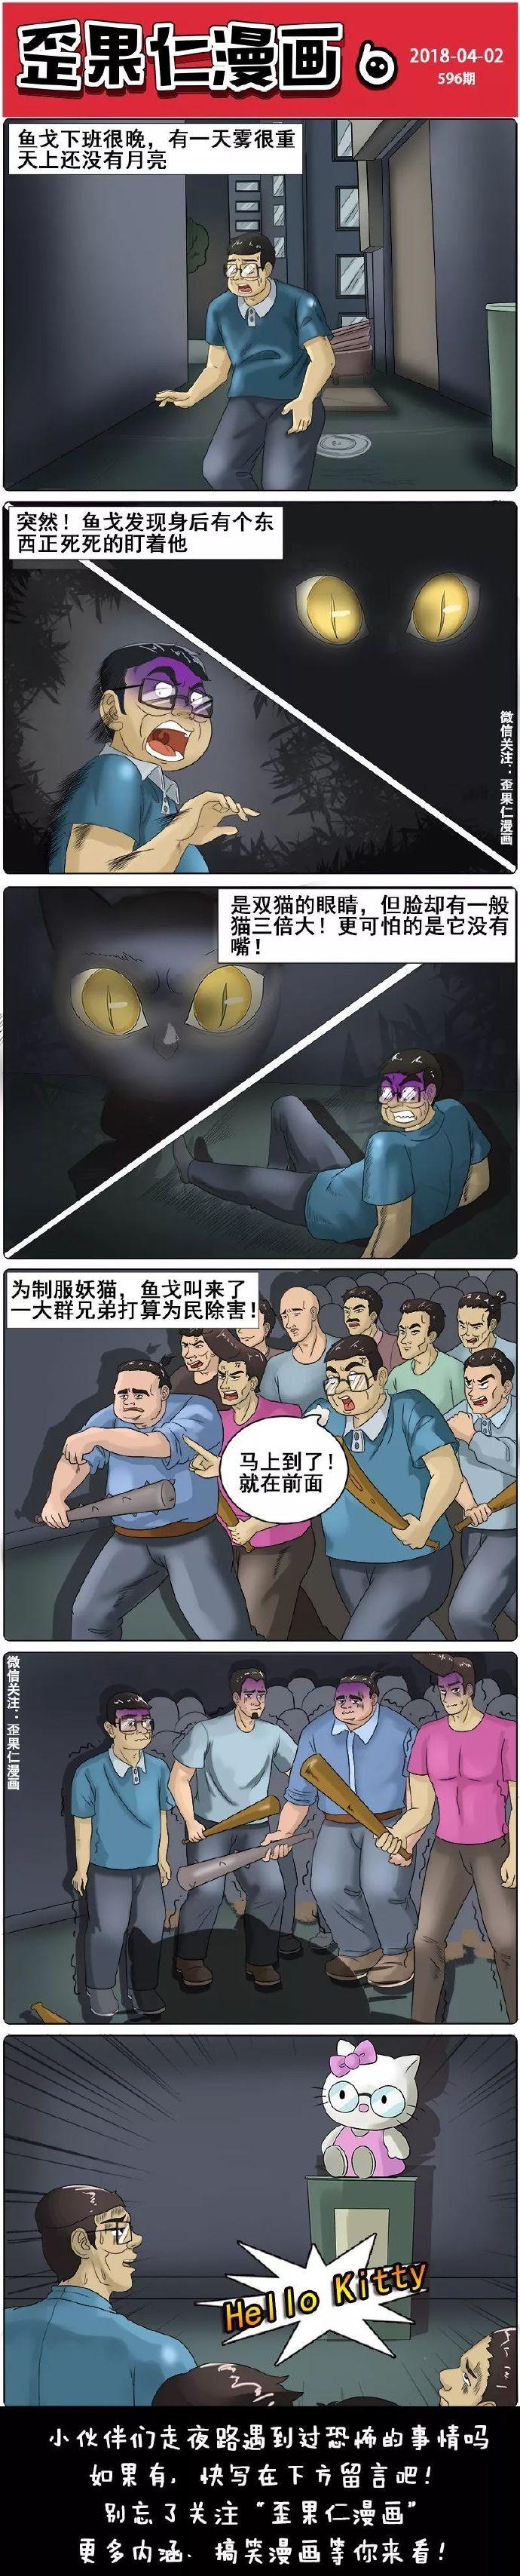 """歪果仁漫画第596期:走夜路被""""午夜凶铃""""死死盯上!叫来帮手后众人都大吃一惊!"""